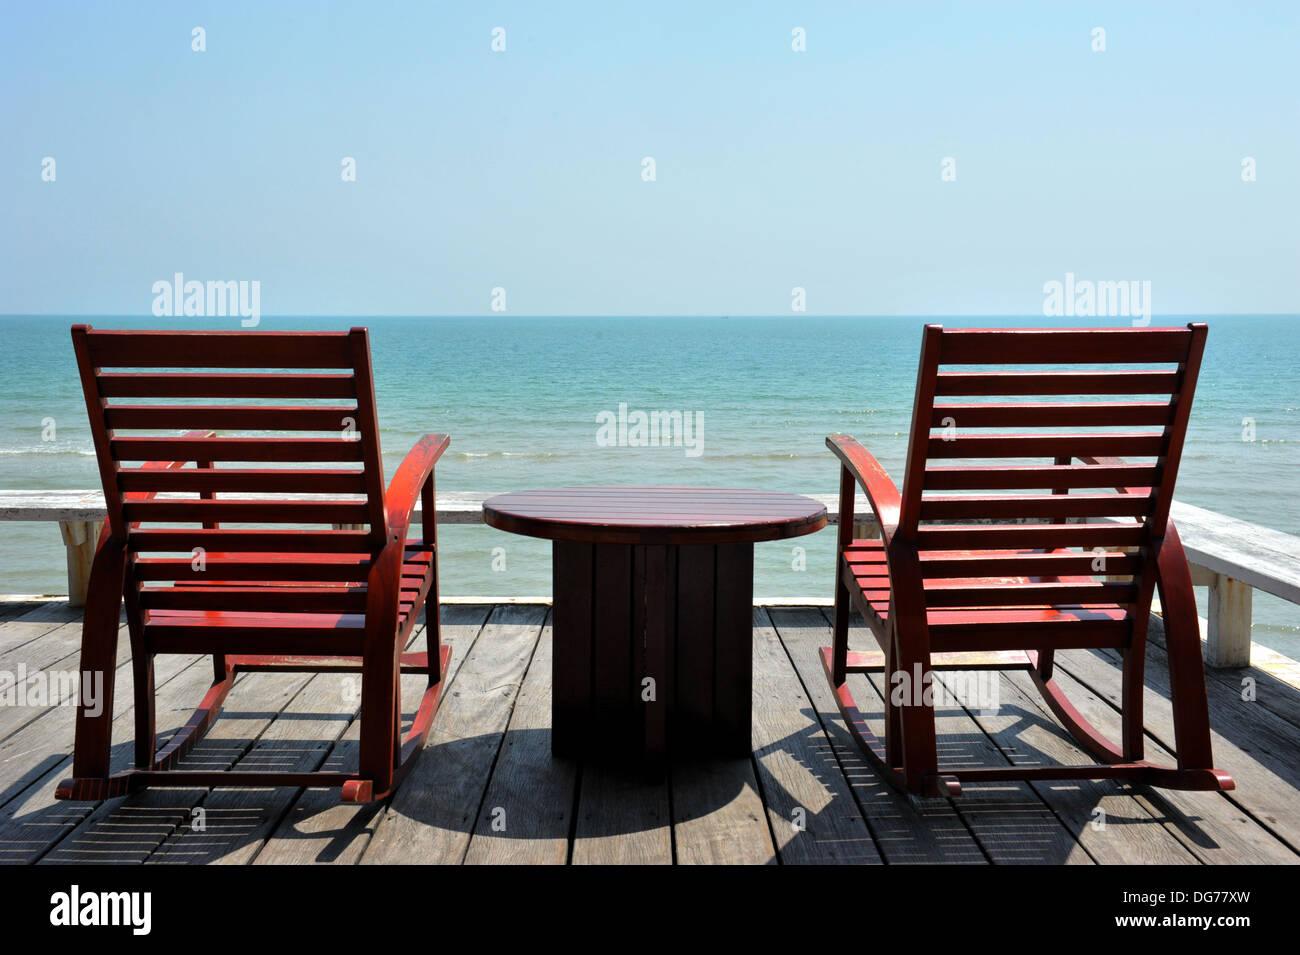 Thailand Islands U0026 Beaches   Two Rocking Chairs By The Sea (Hua Hin,  Thailand